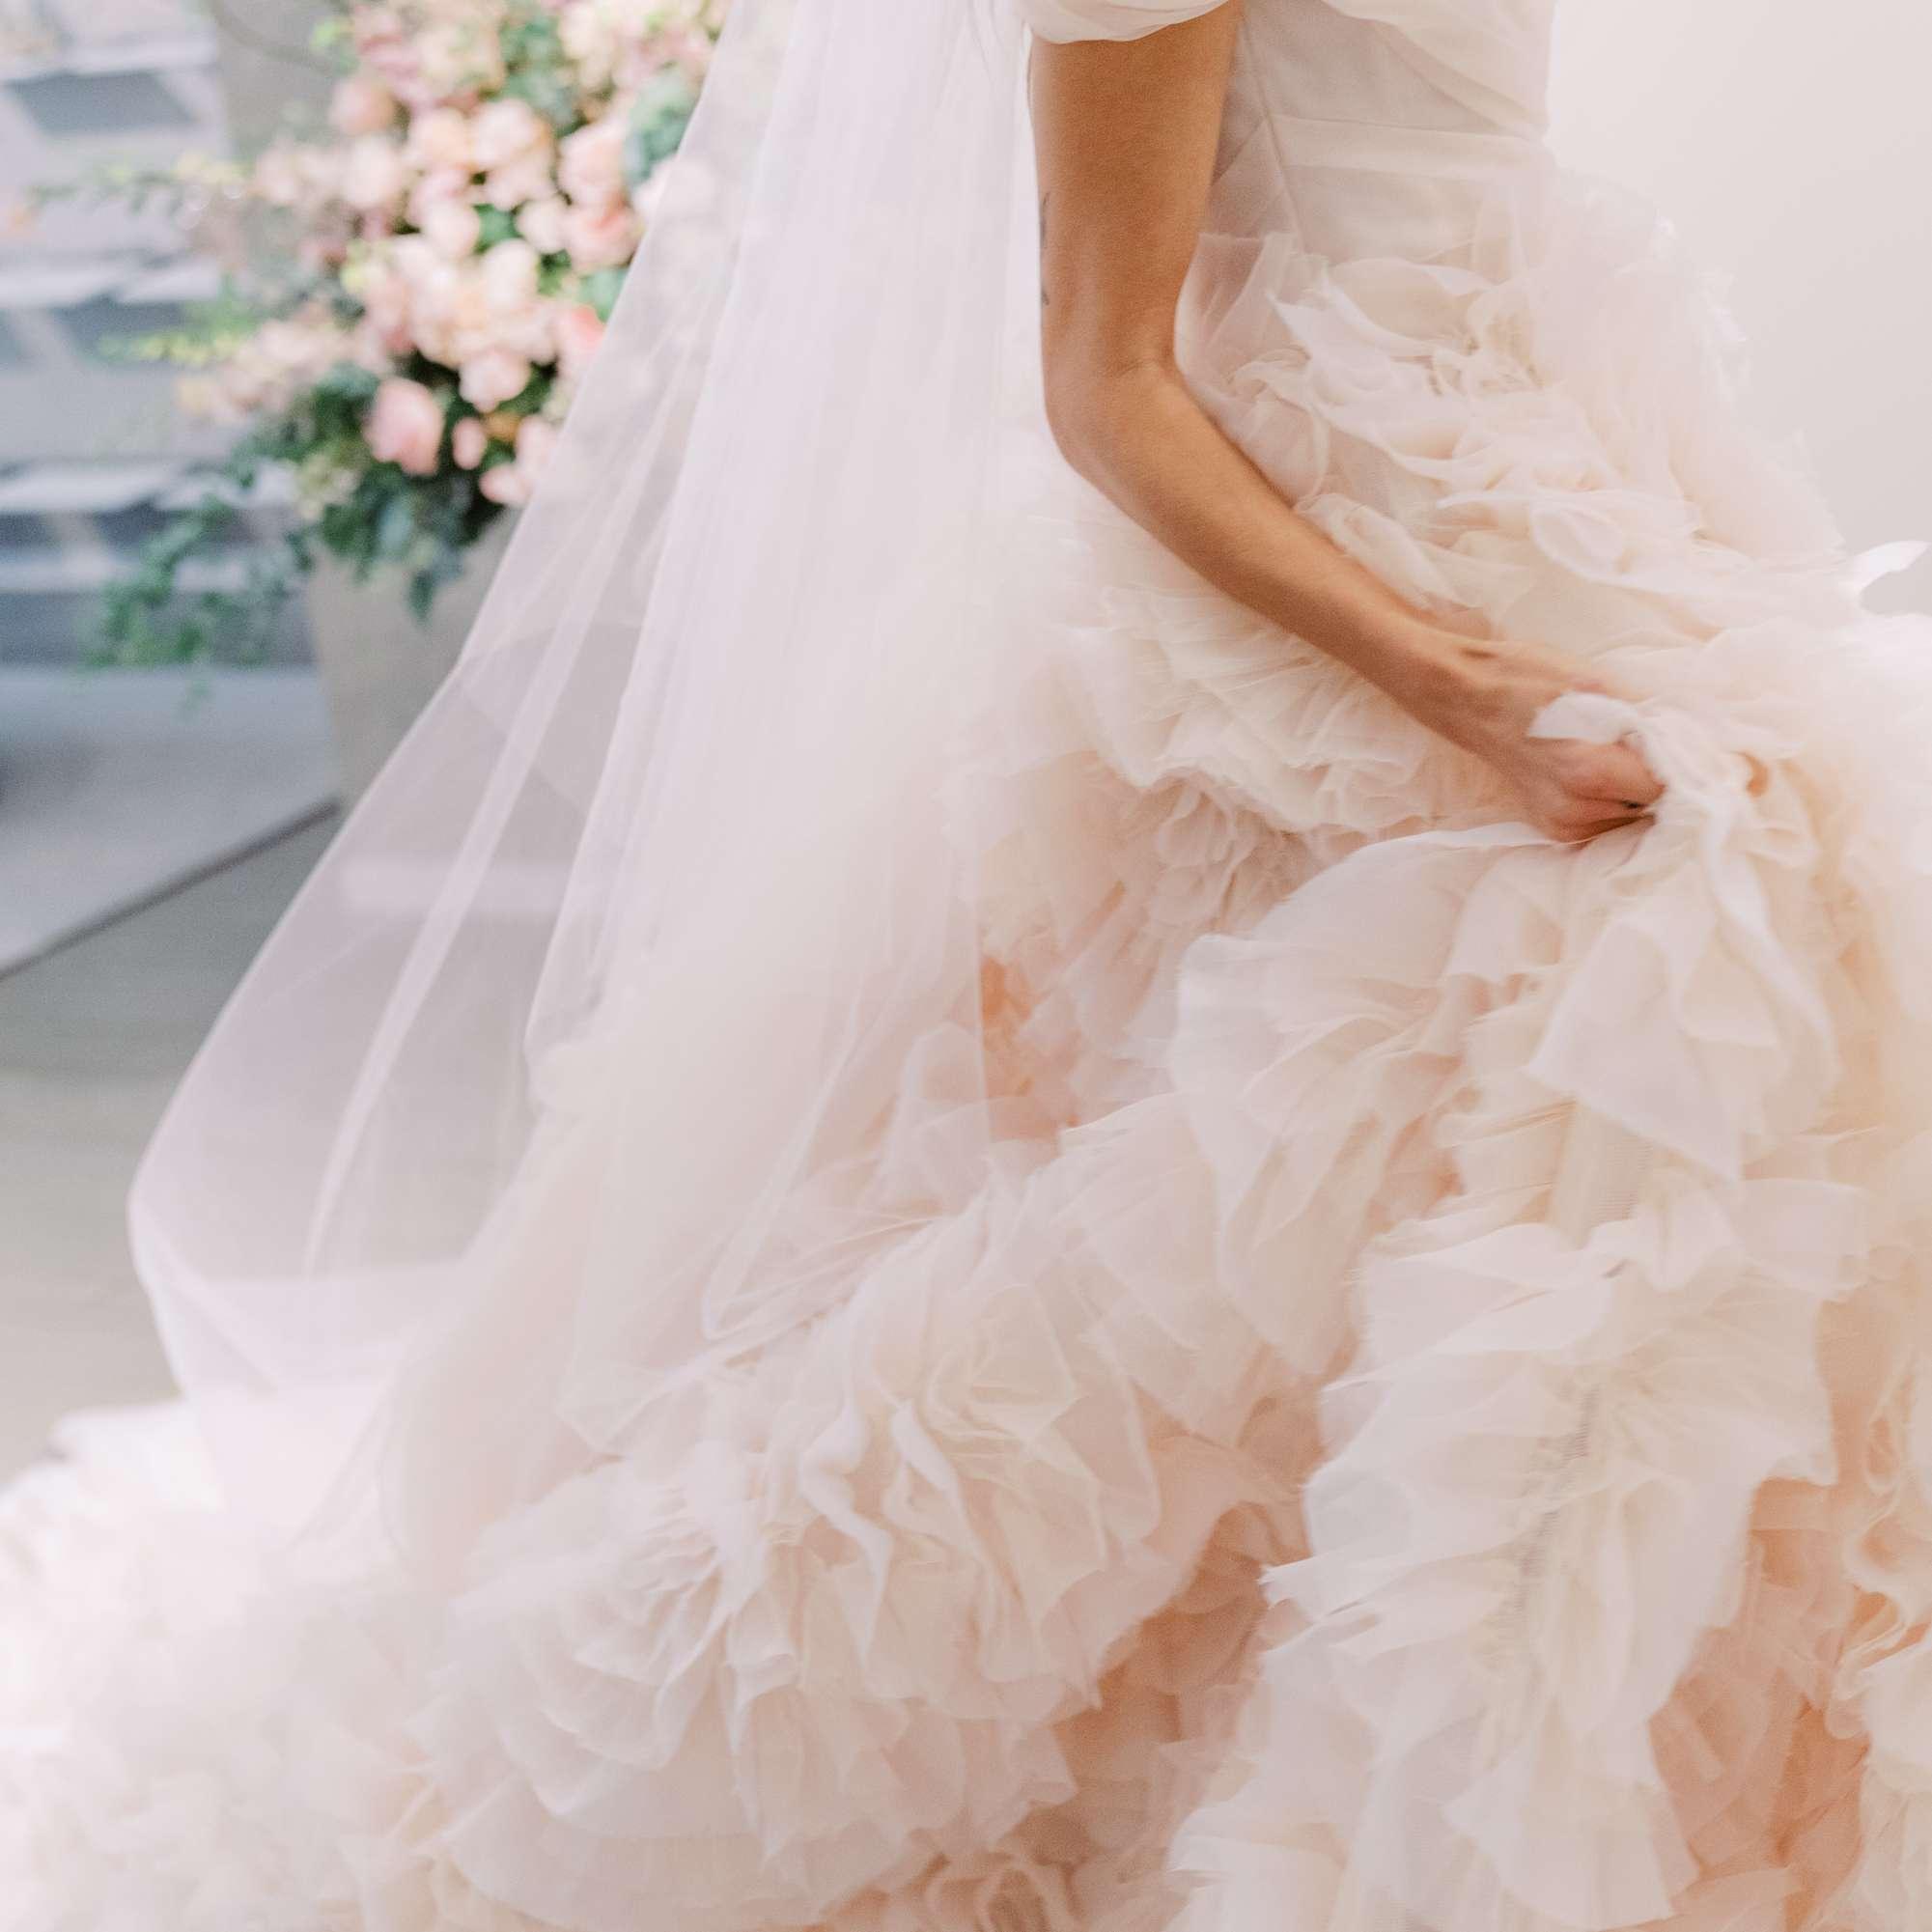 Monique Lhuillier blush wedding dress